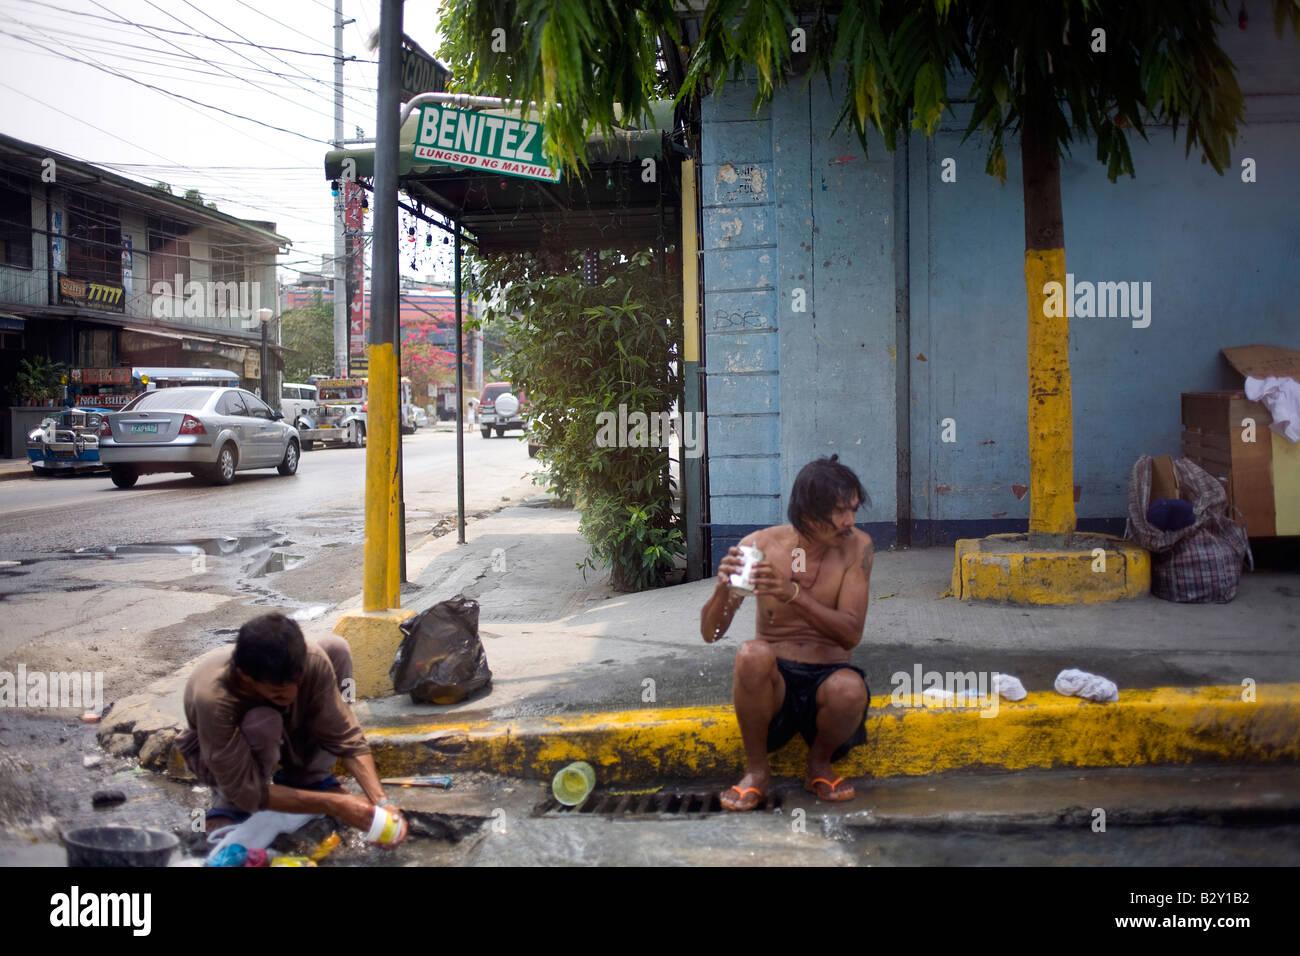 Zwei Arme Filipinos Baden mit Wasser in eine Rinne in Manila, Philippinen. Stockbild